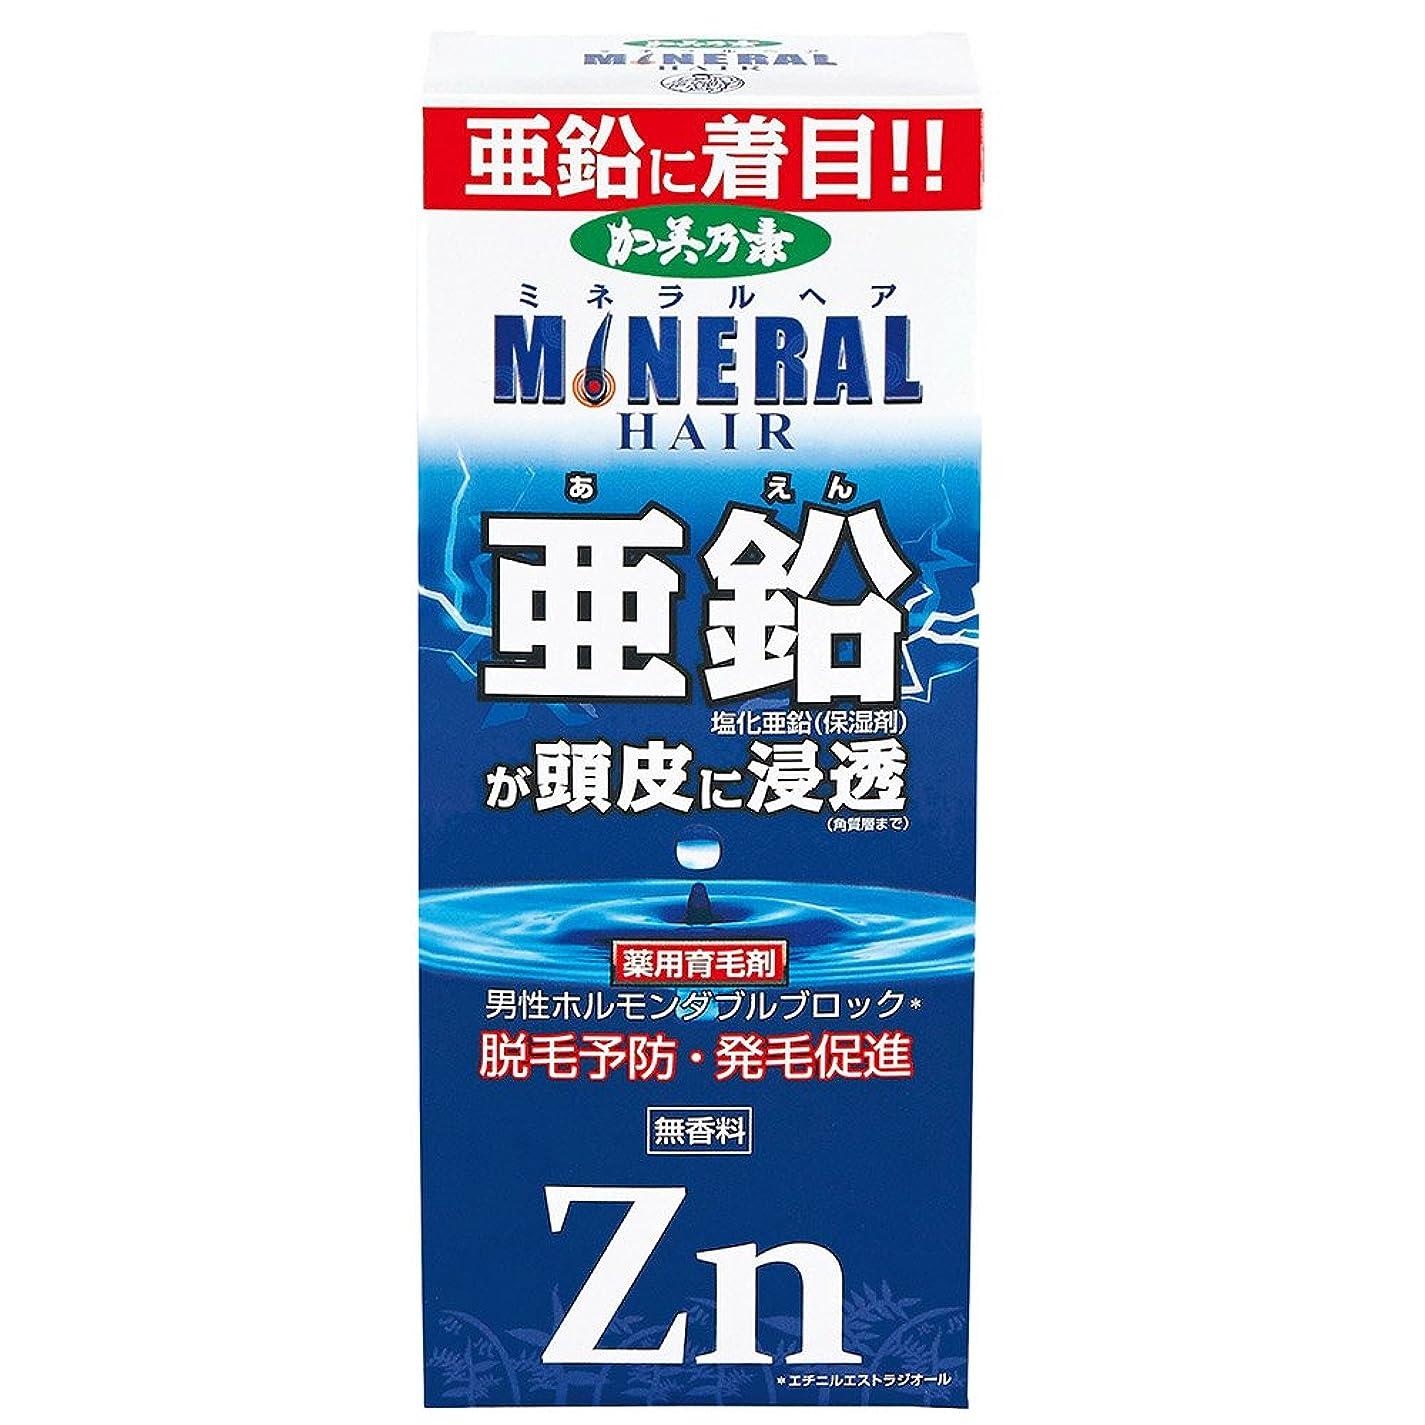 ピーク主権者モナリザ薬用加美乃素 ミネラルヘア 育毛剤 180mL (医薬部外品)